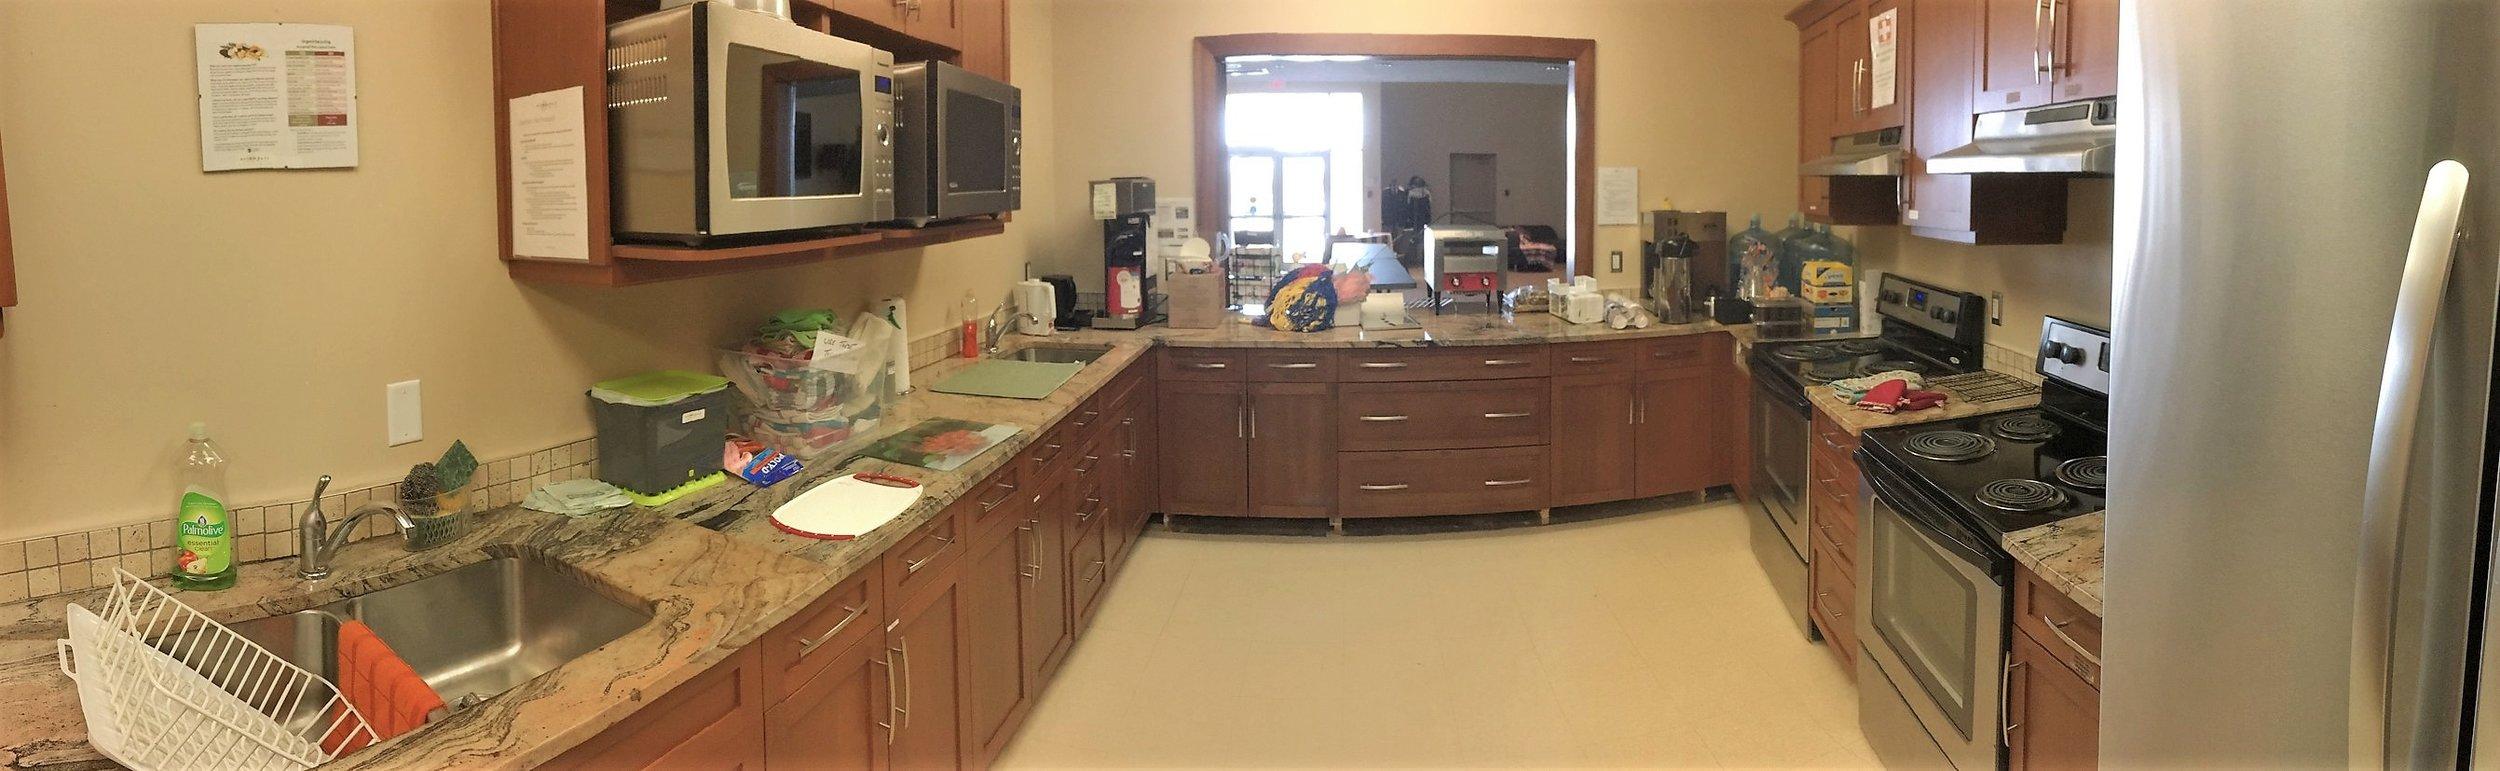 Kitchen - view 2JPG.jpg